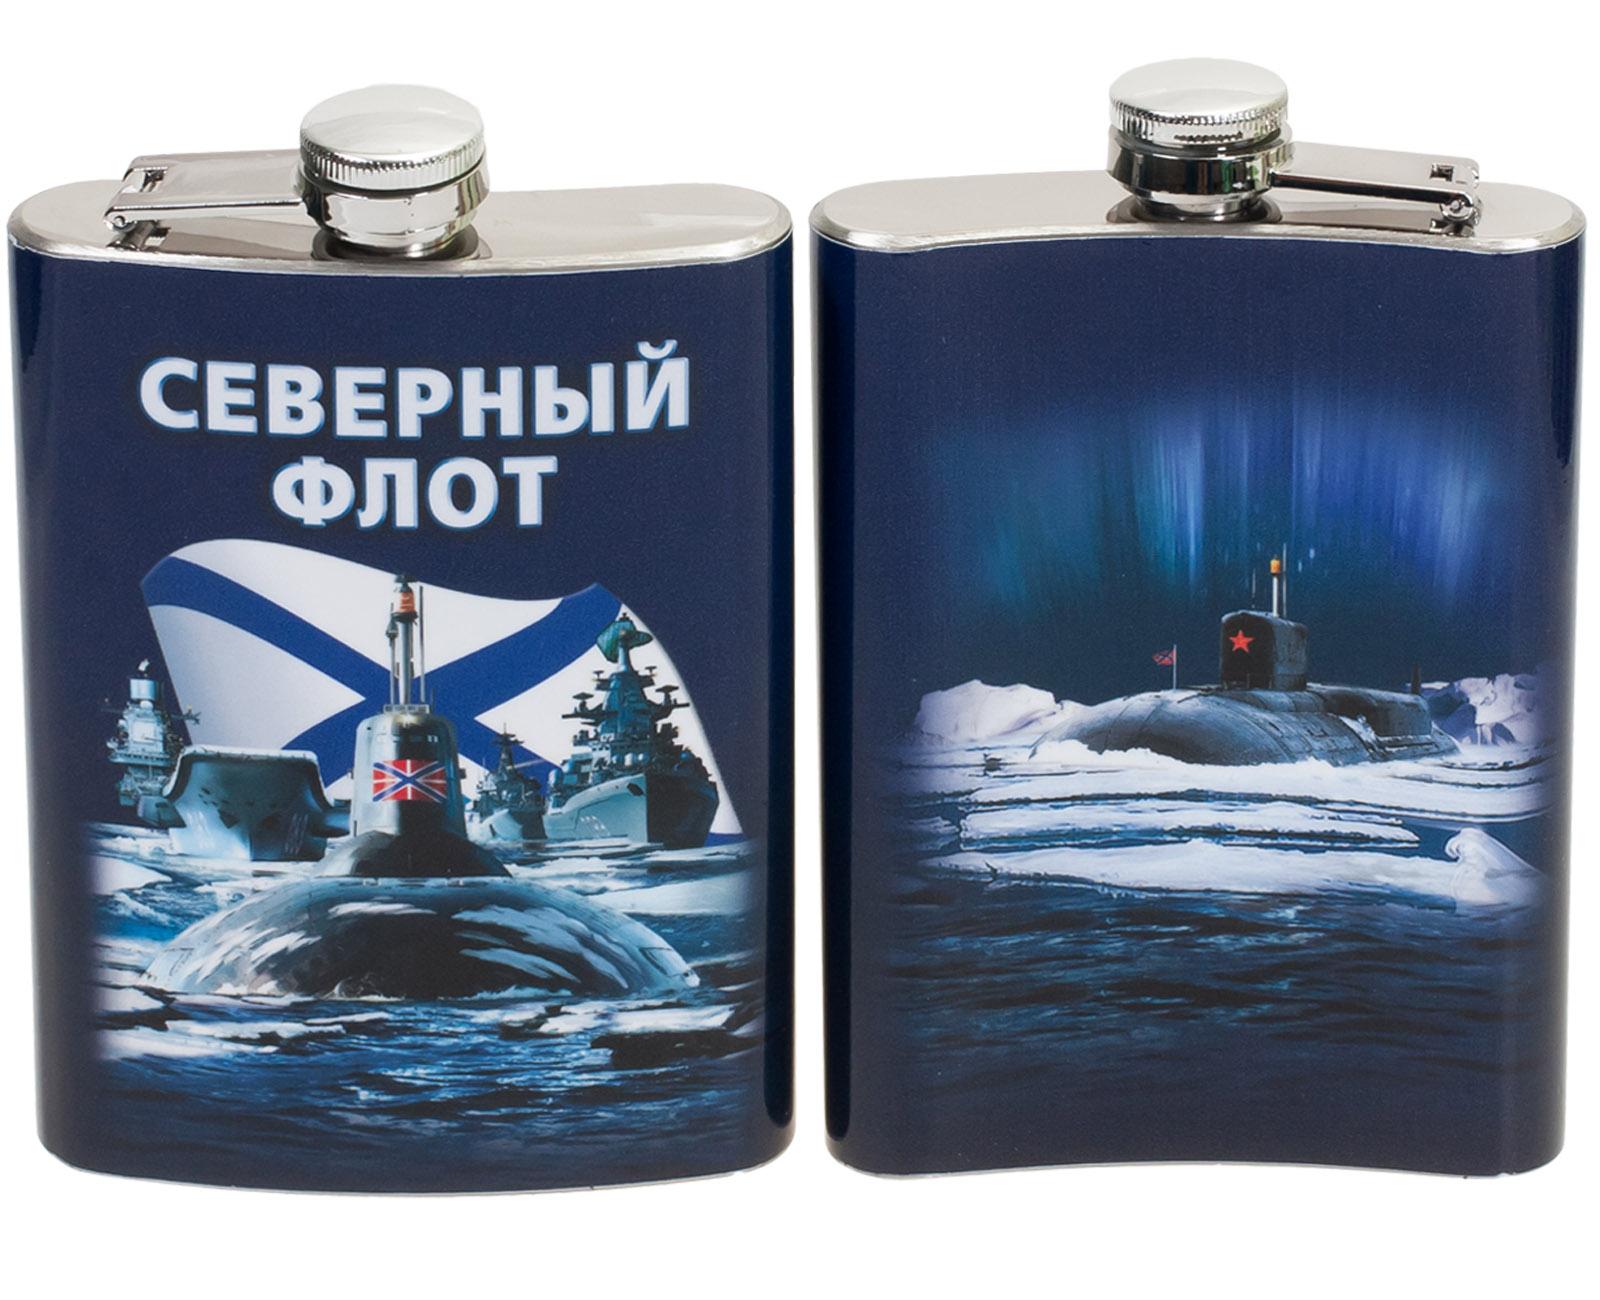 Фляжка Северный флот России